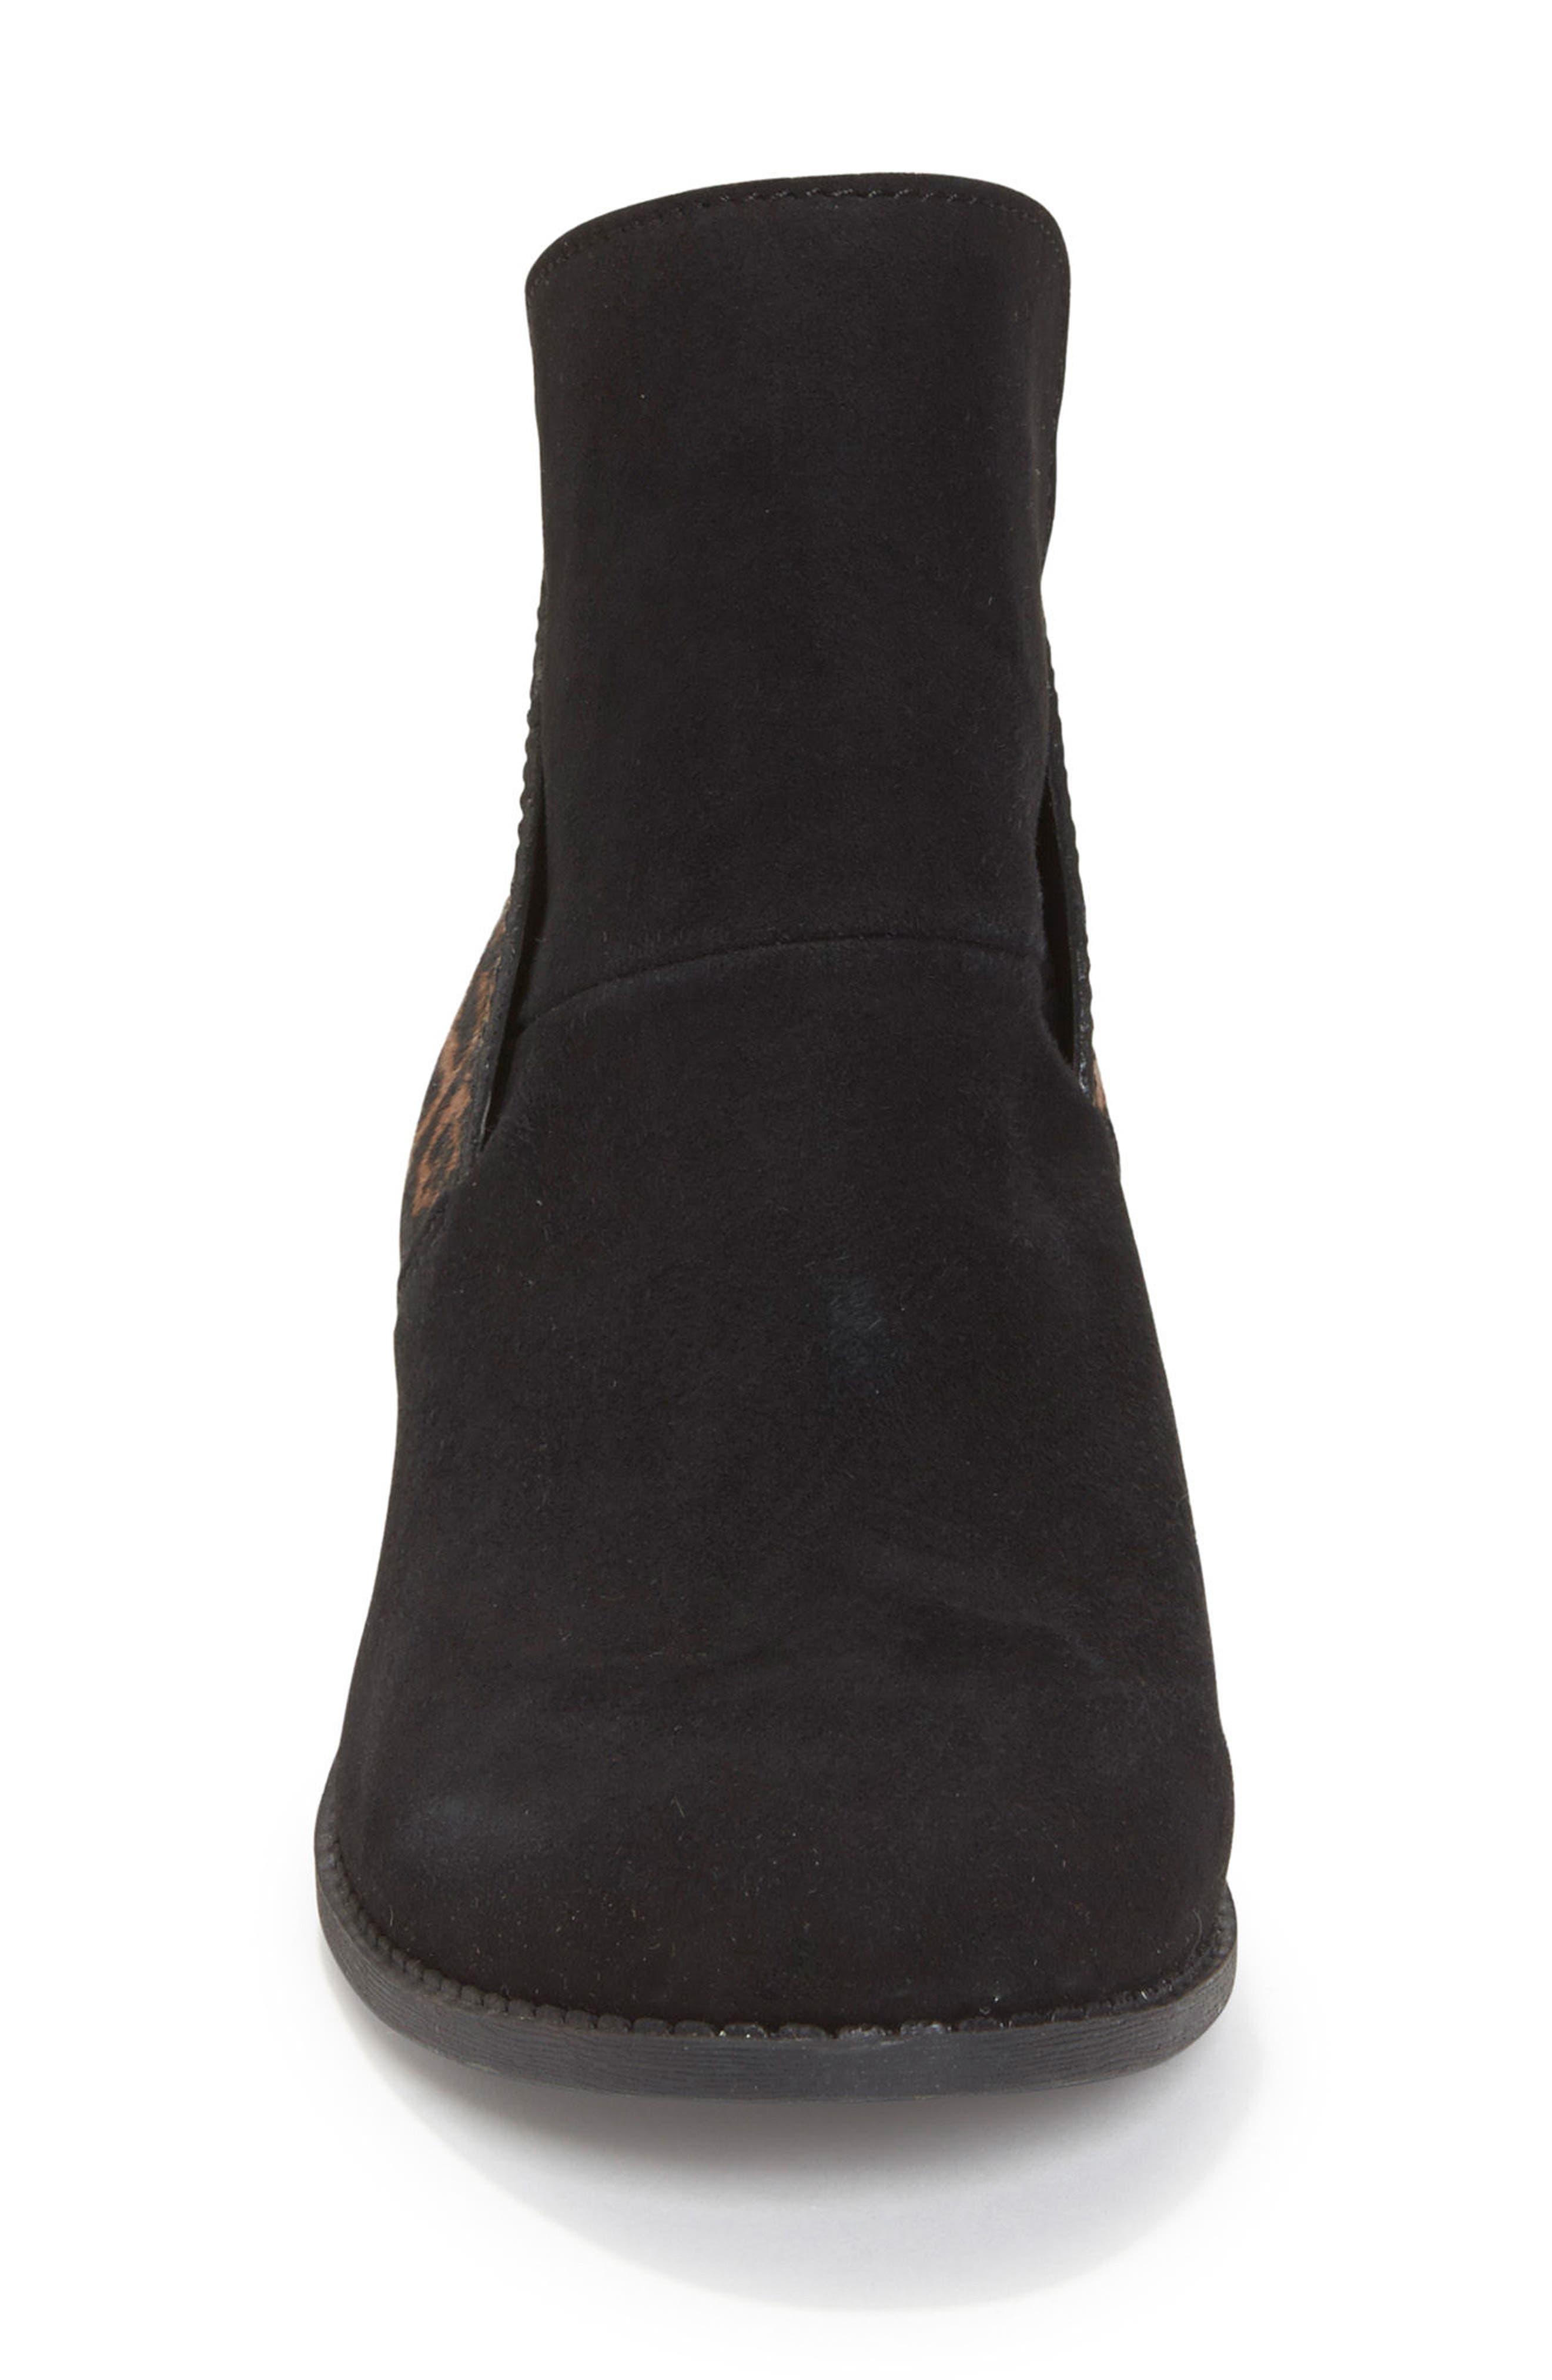 Zena Ankle Boot,                             Alternate thumbnail 4, color,                             Black/ Ash Jaguar Suede